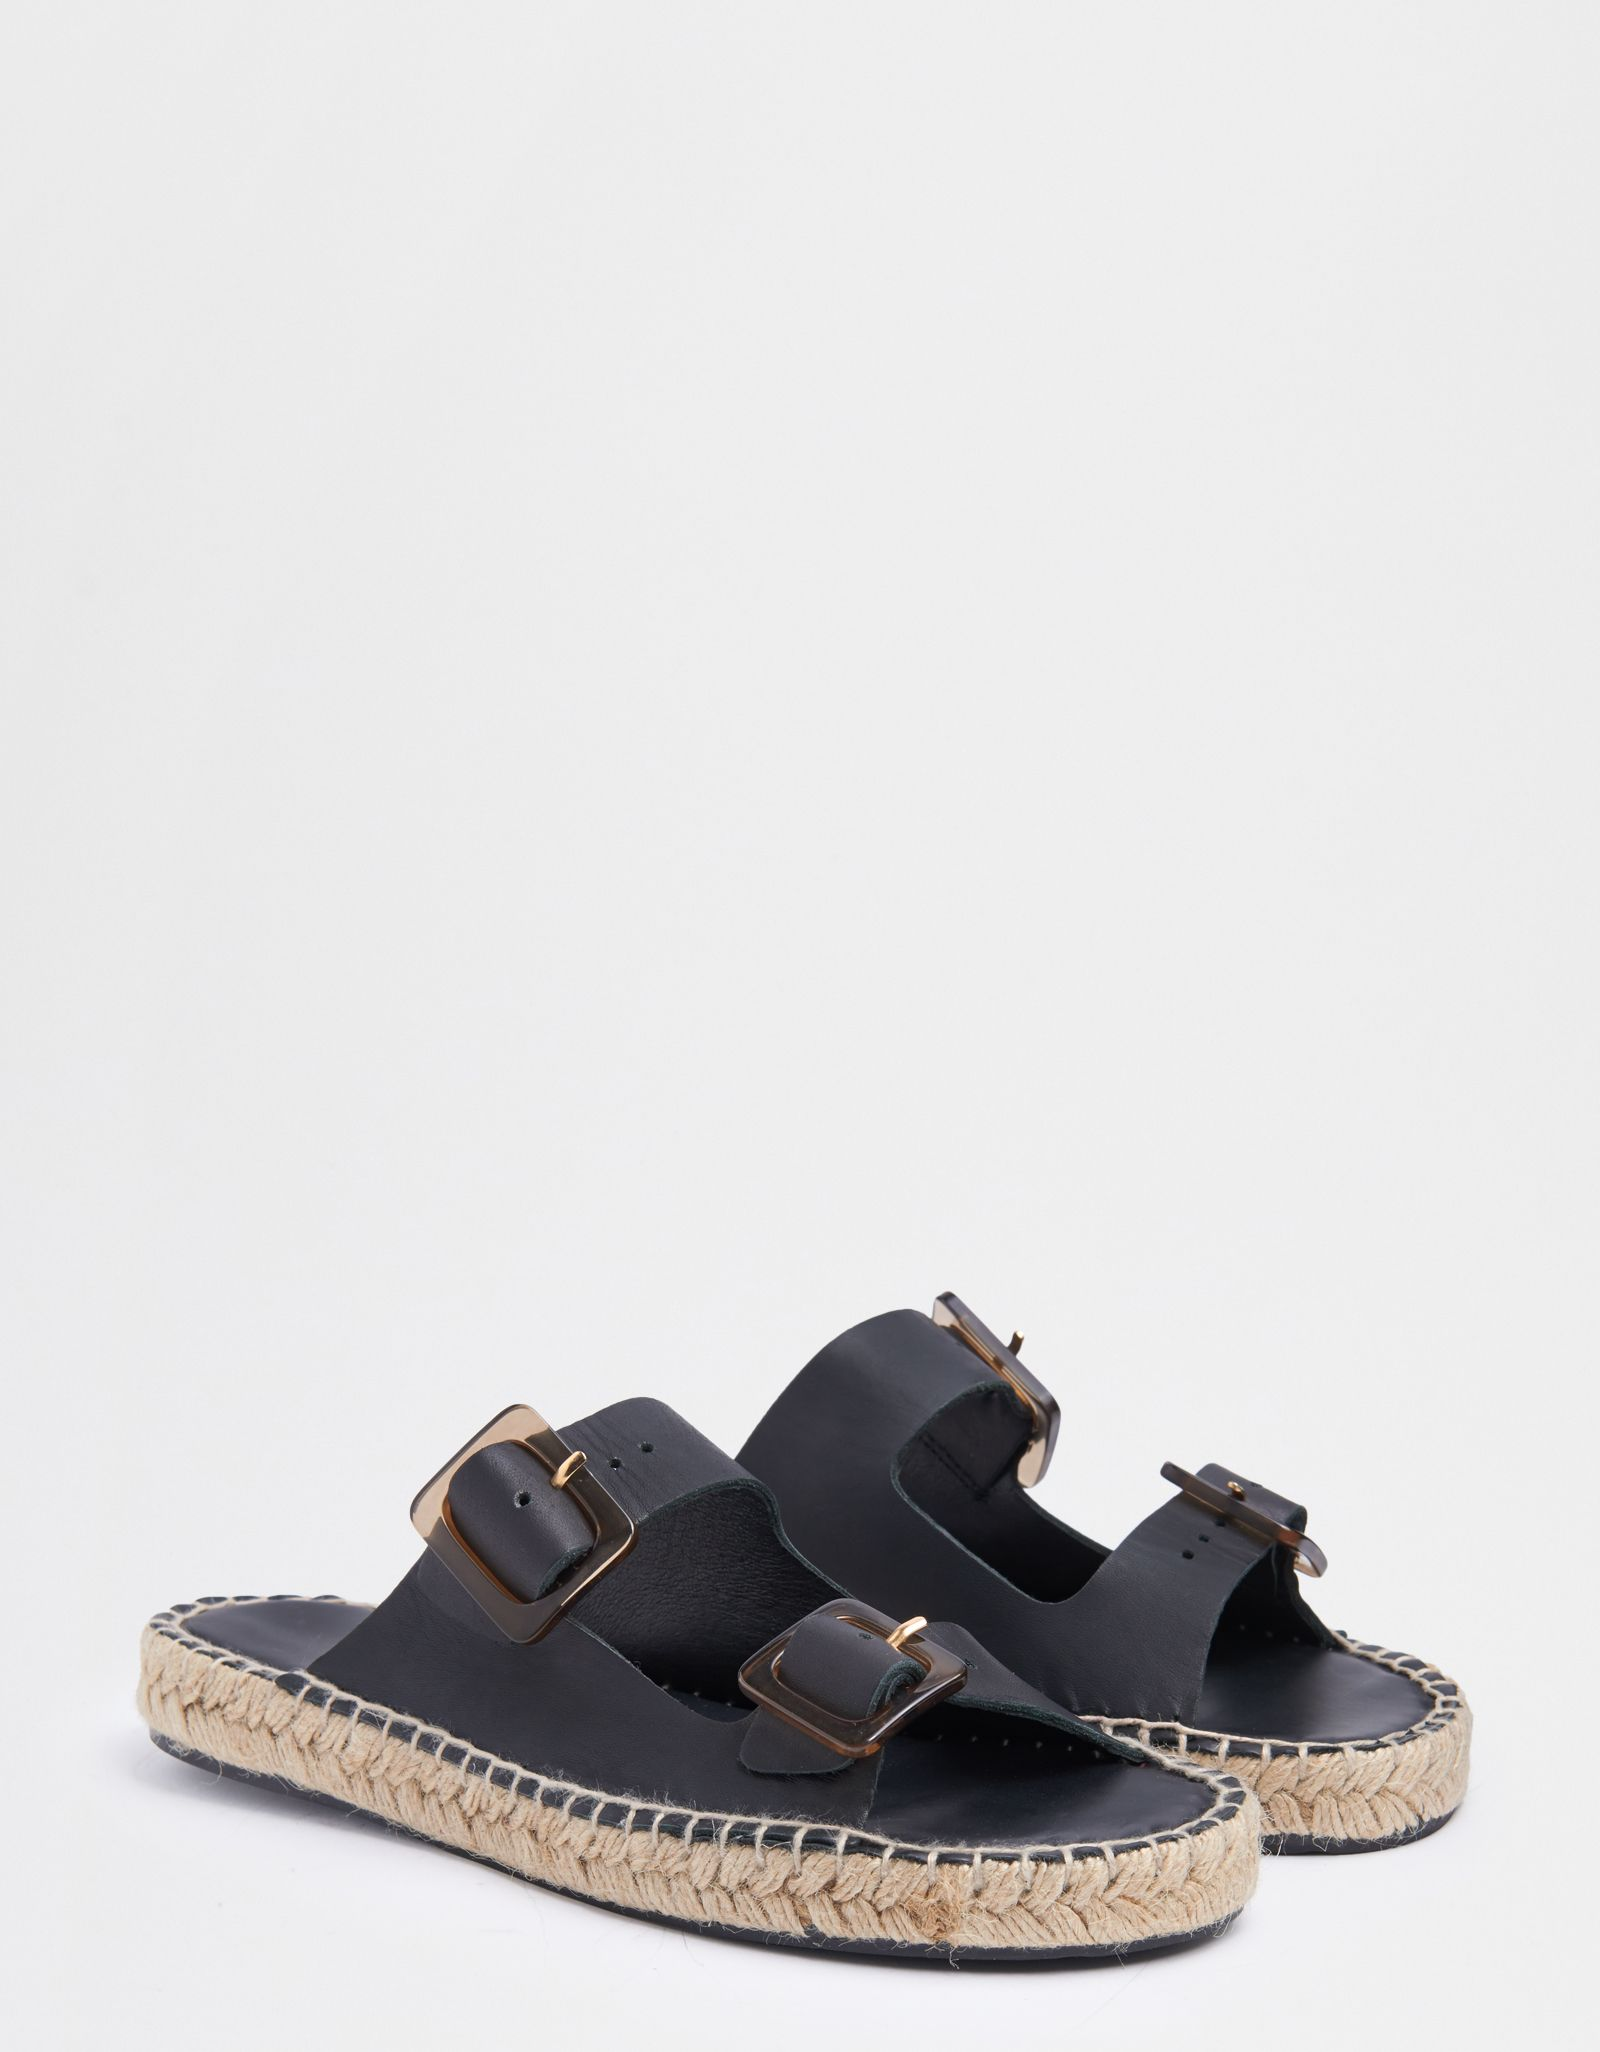 These Al Cruiser Sandals Are The Alternative Birkenstock